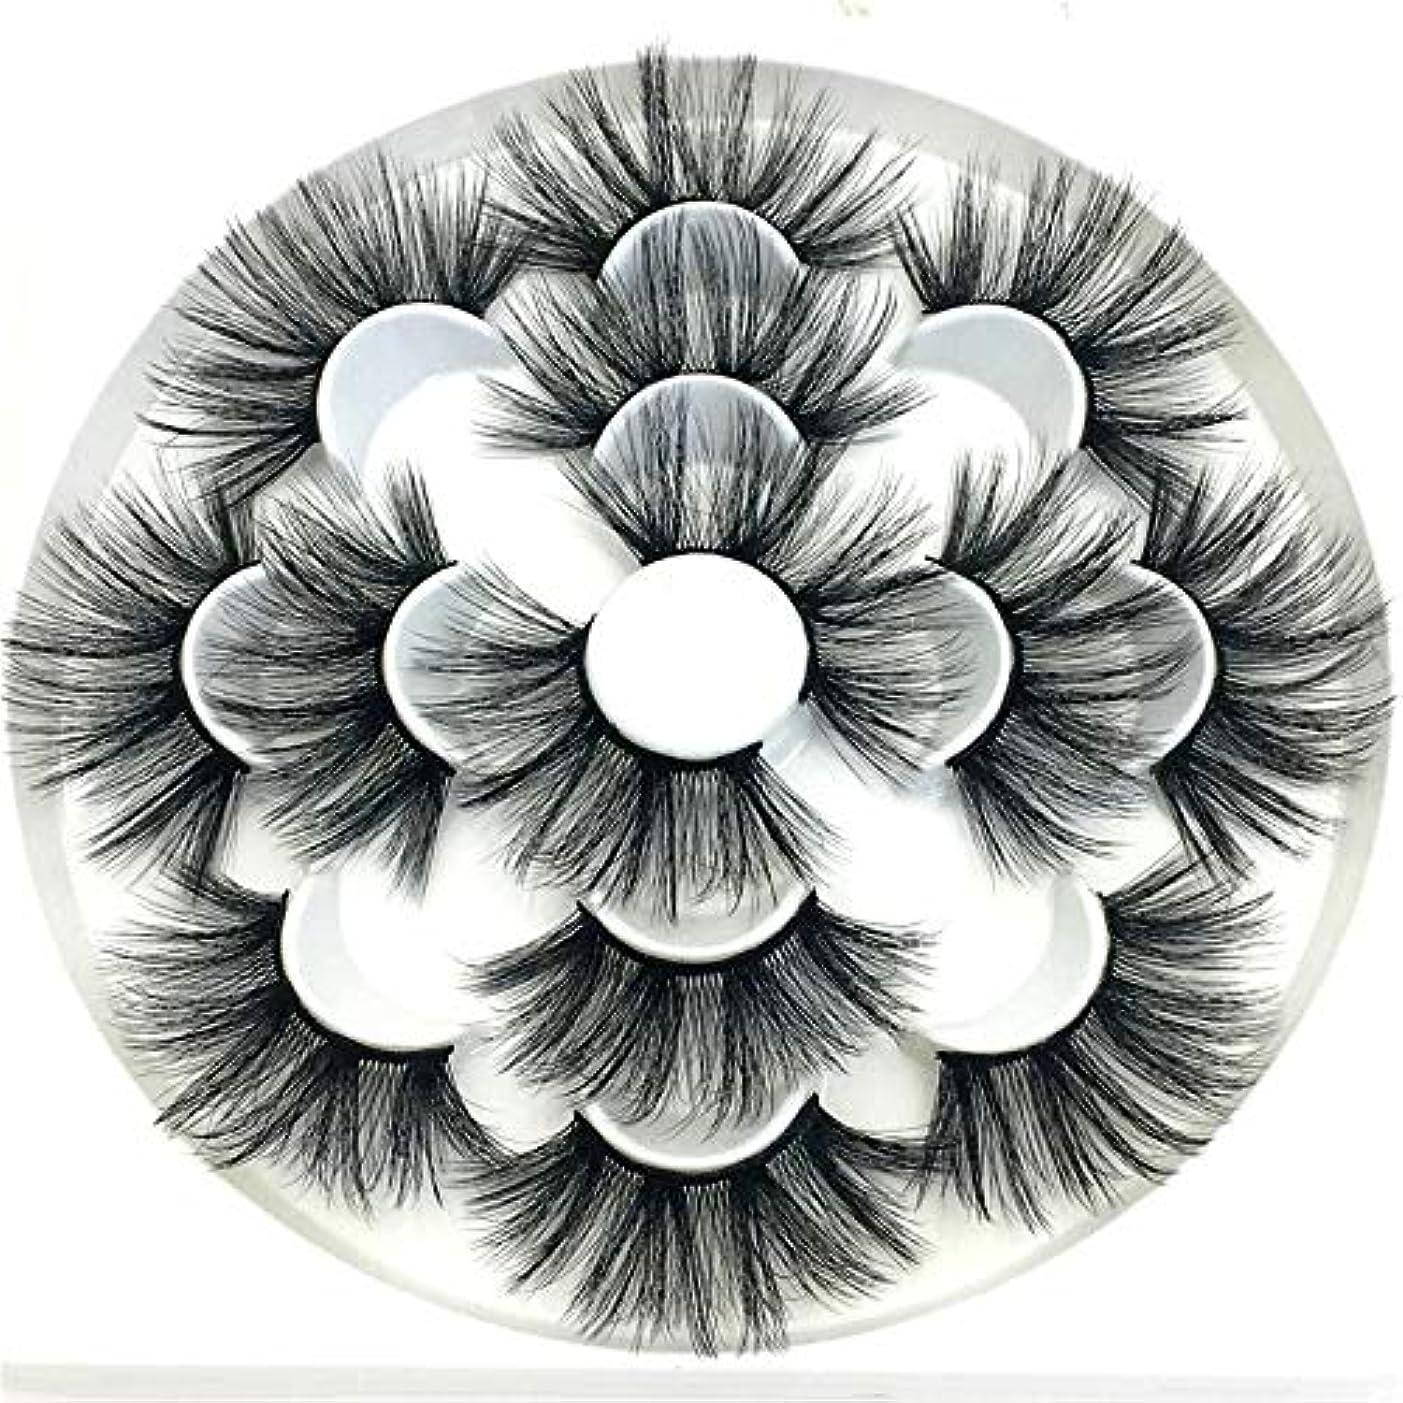 スーパーマーケット反応するに応じてYCRCTC 7/8ペア25ミリメートル3Dフェイクまつげナチュラルロングつけまつげボリュームフェイクはメイク拡張まつ毛はメイクアップまつげ (Color : 2)